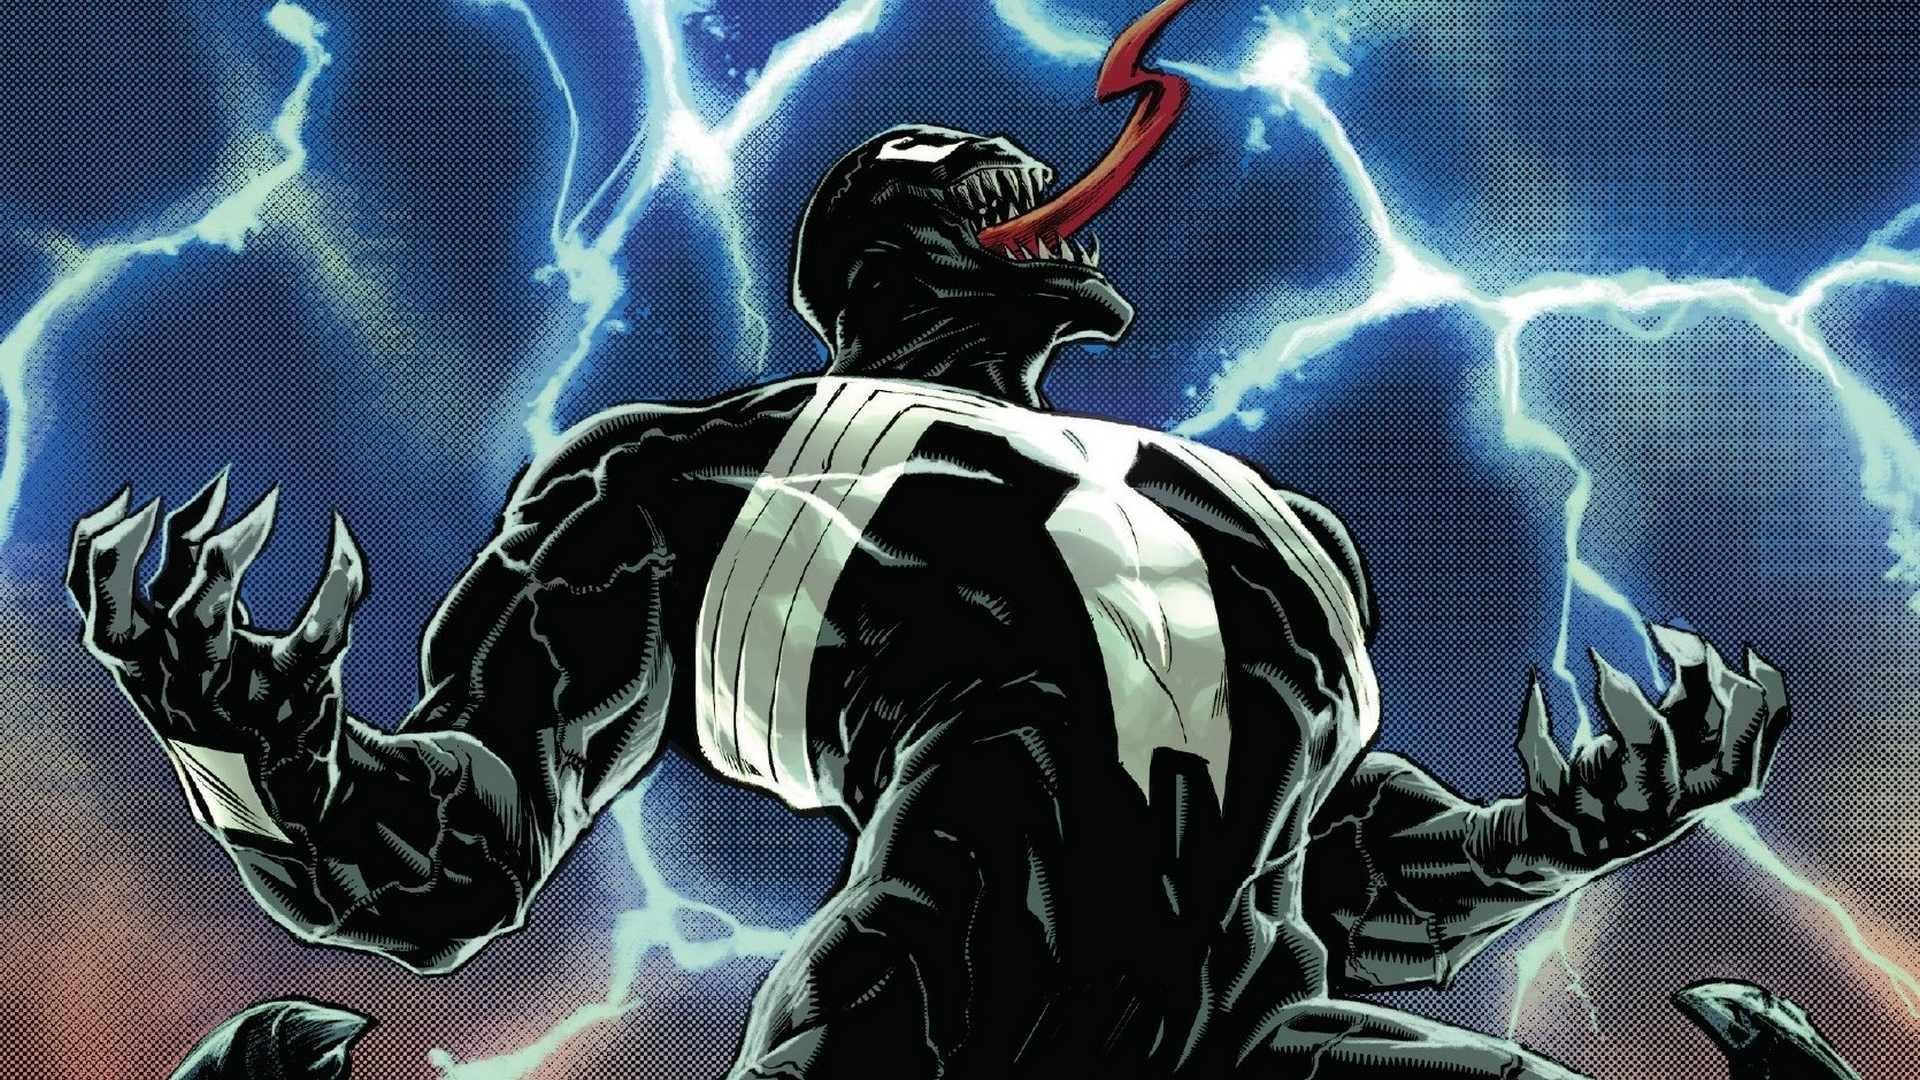 Venom background wallpaper